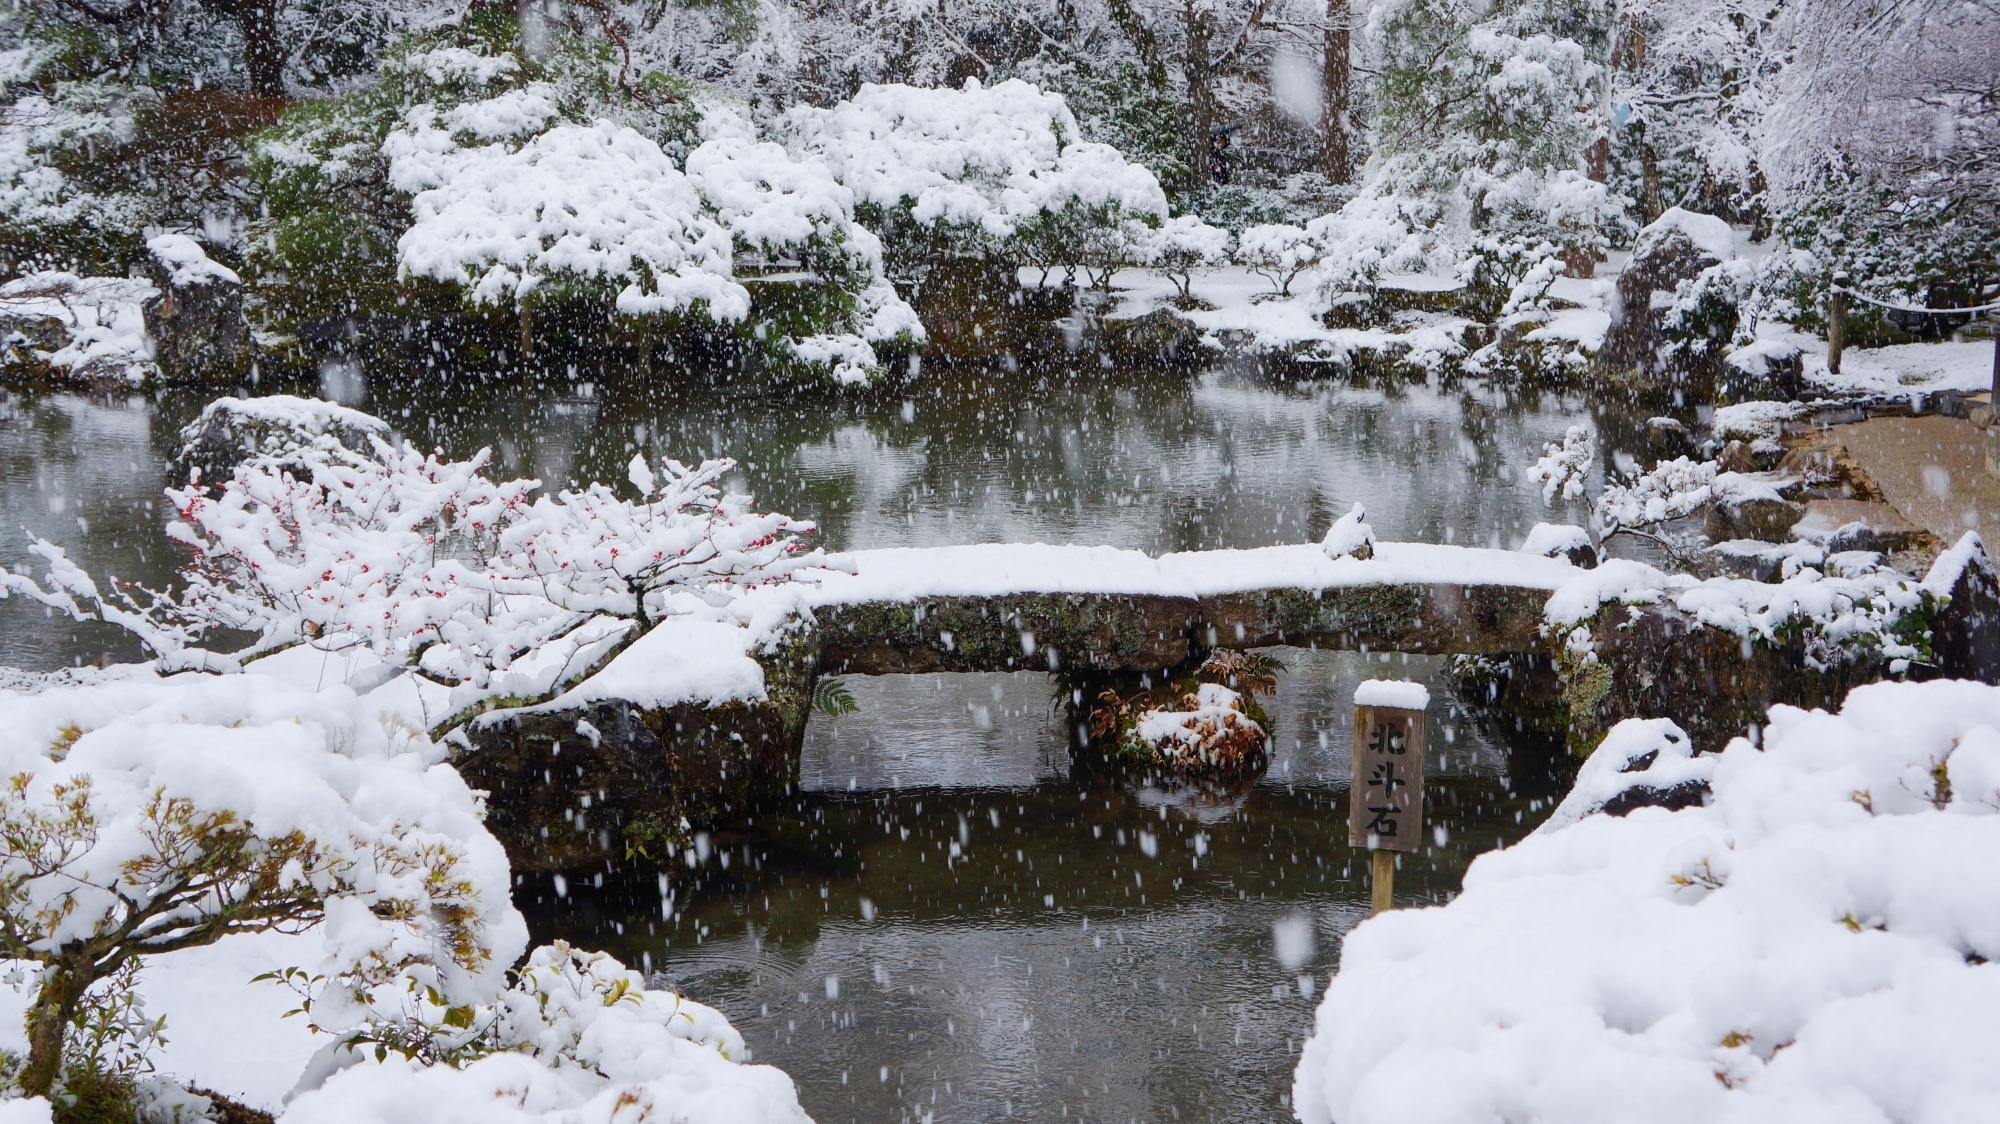 銀閣寺の風情ある雪の錦鏡池